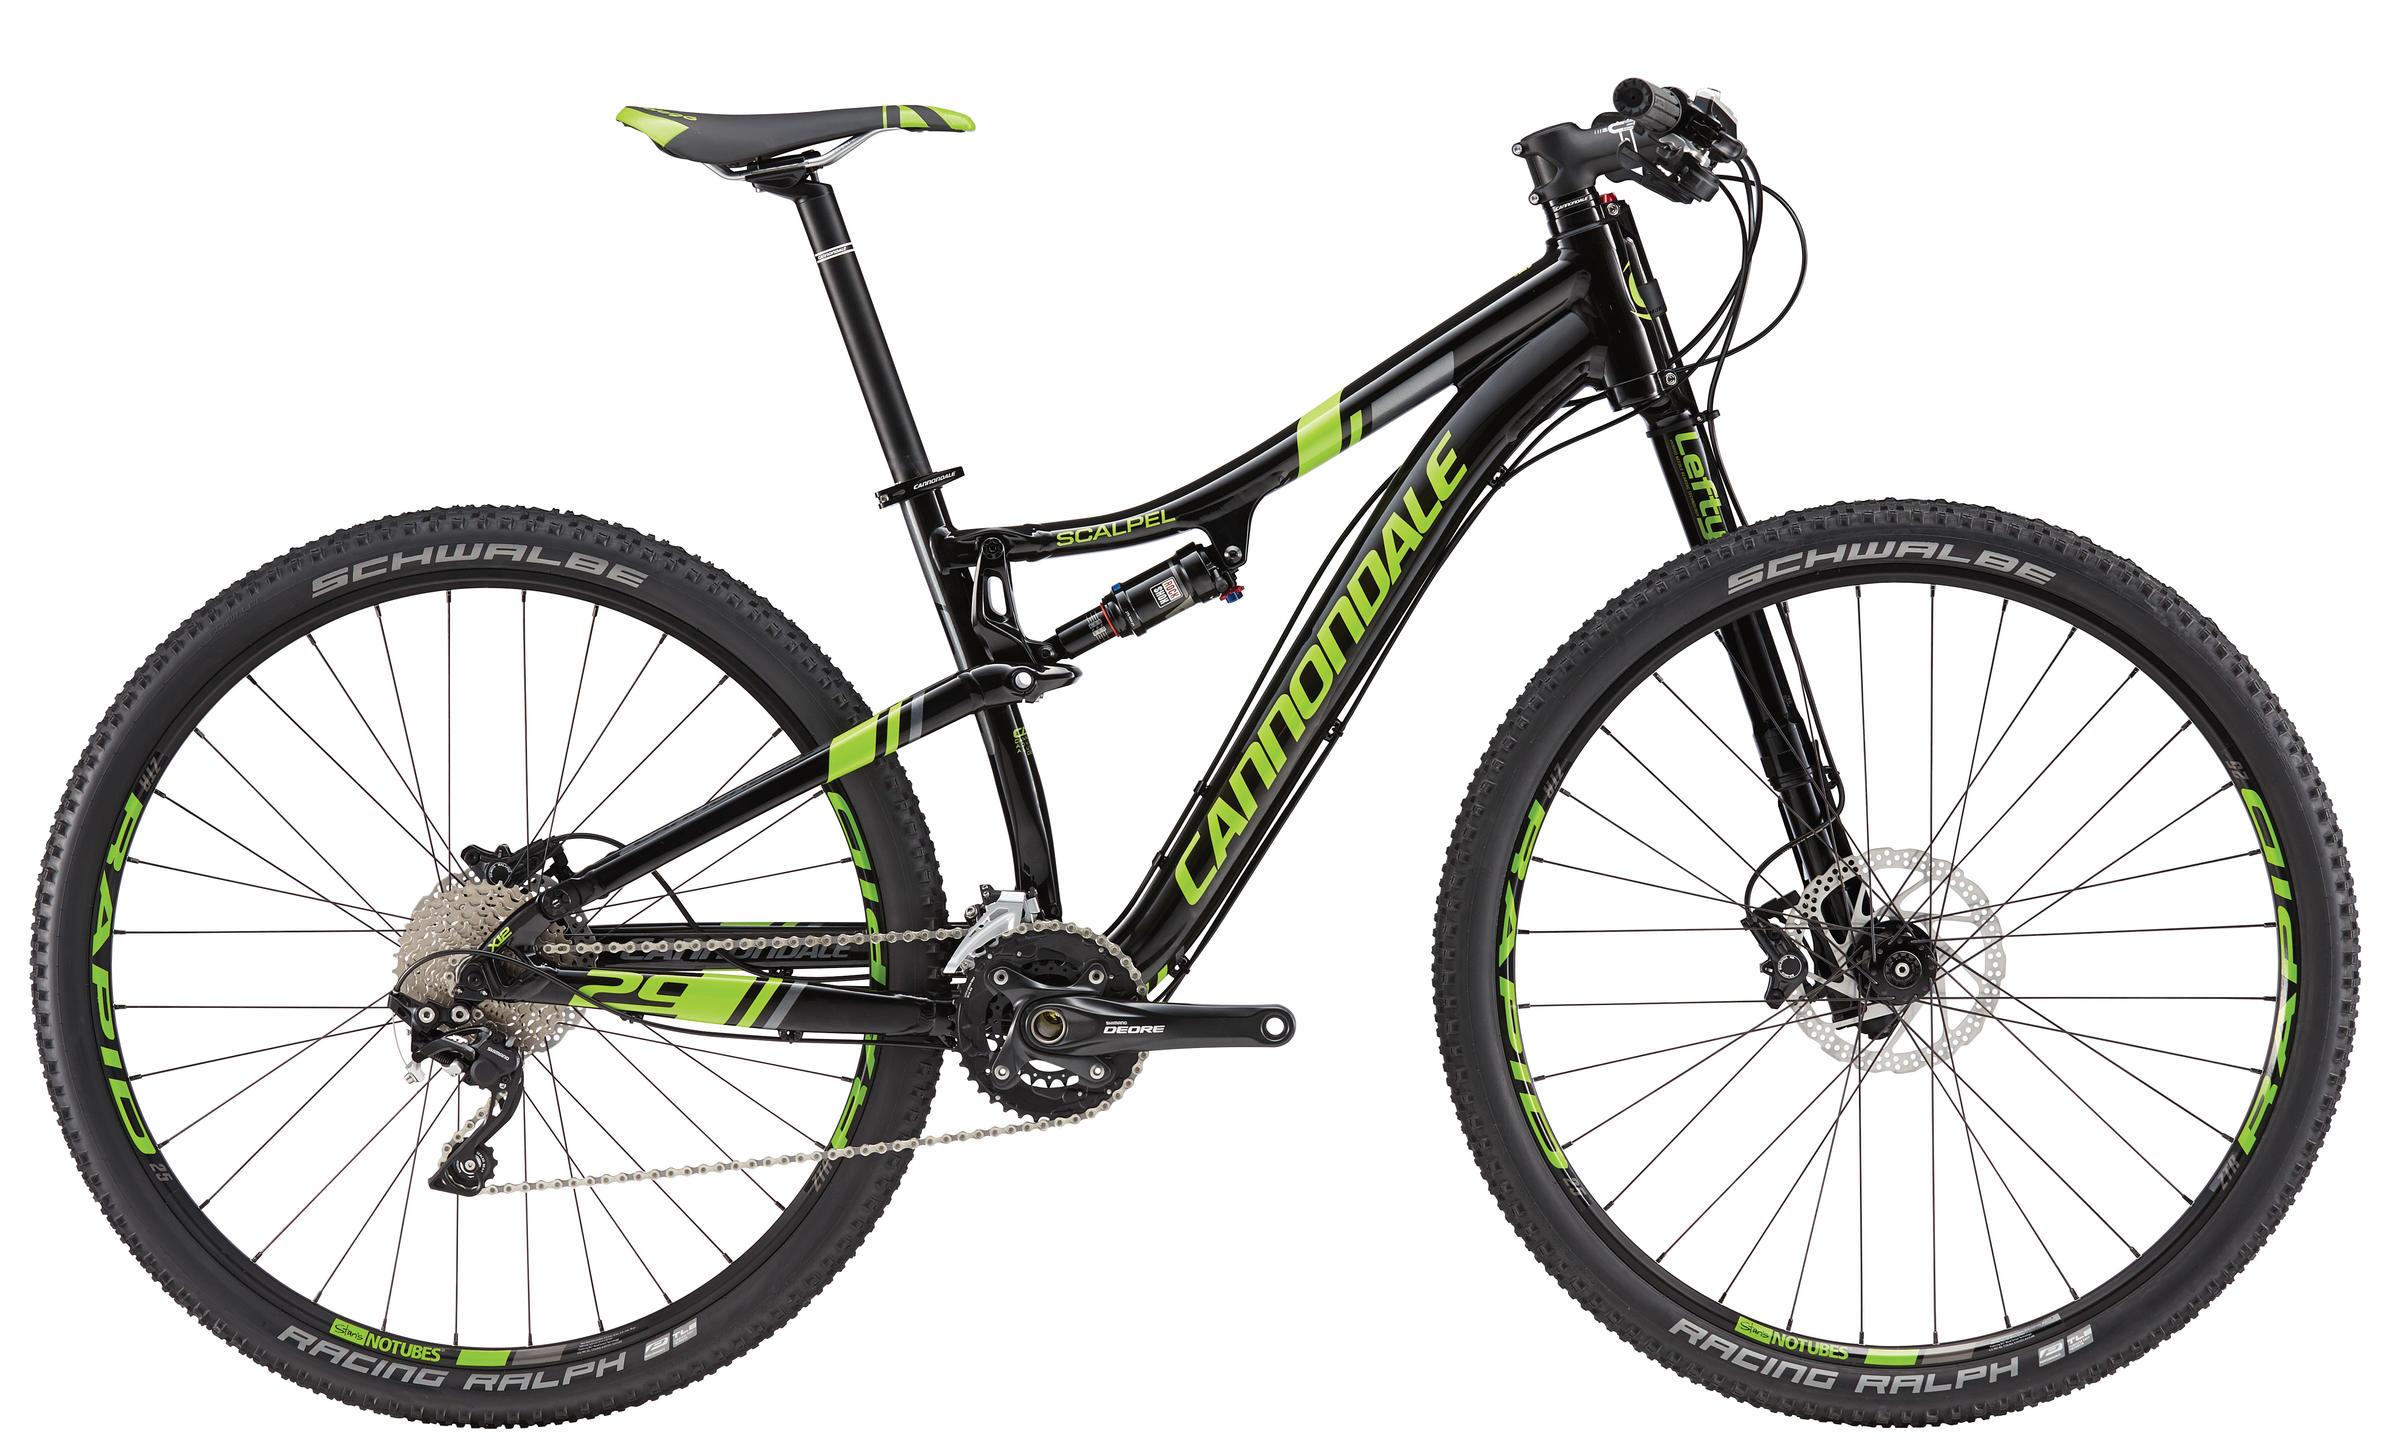 00ac9873305 Cannondale Scalpel 29 4 - Bike America